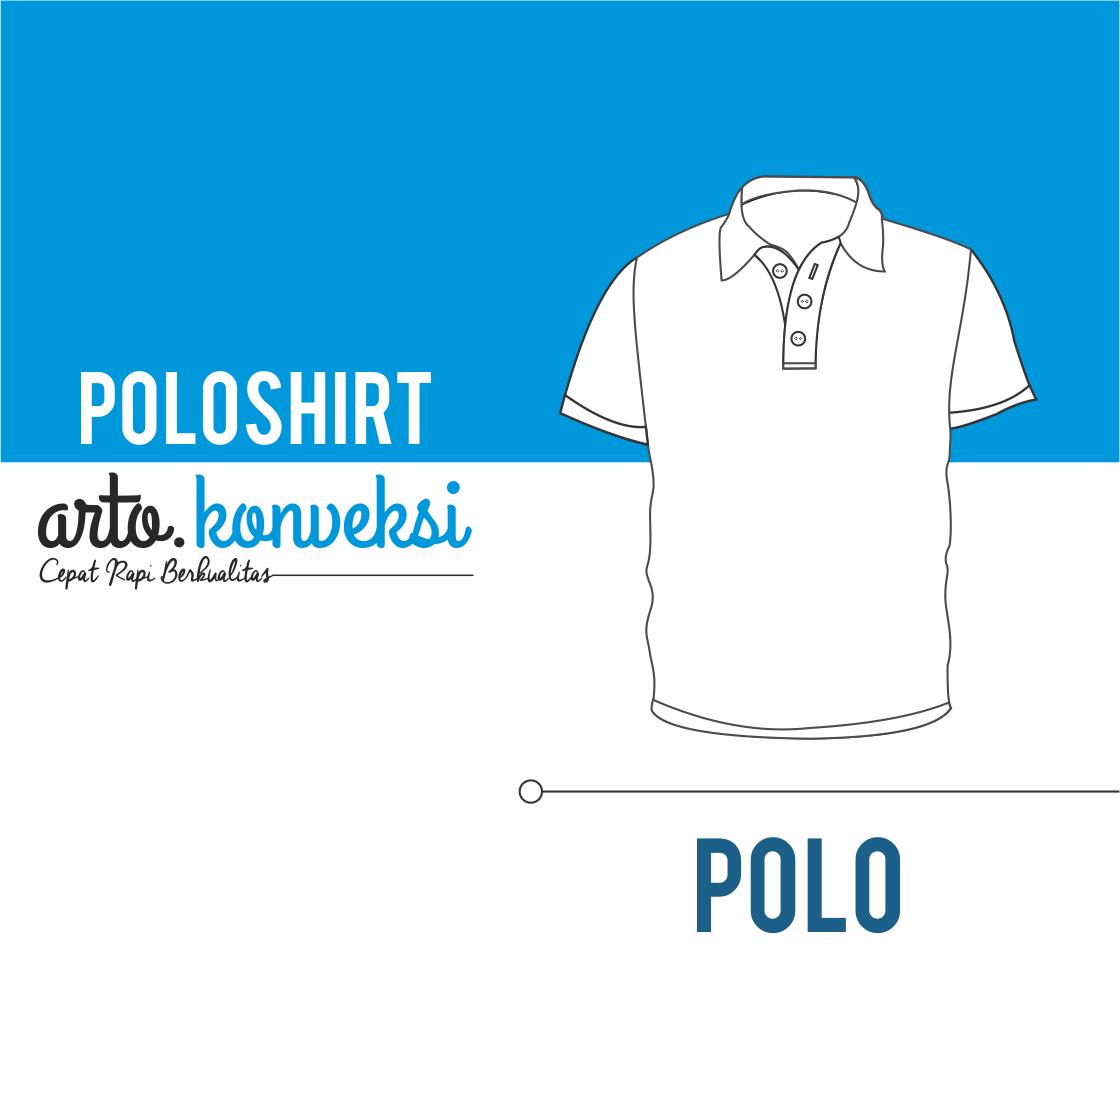 Konveksi Polo